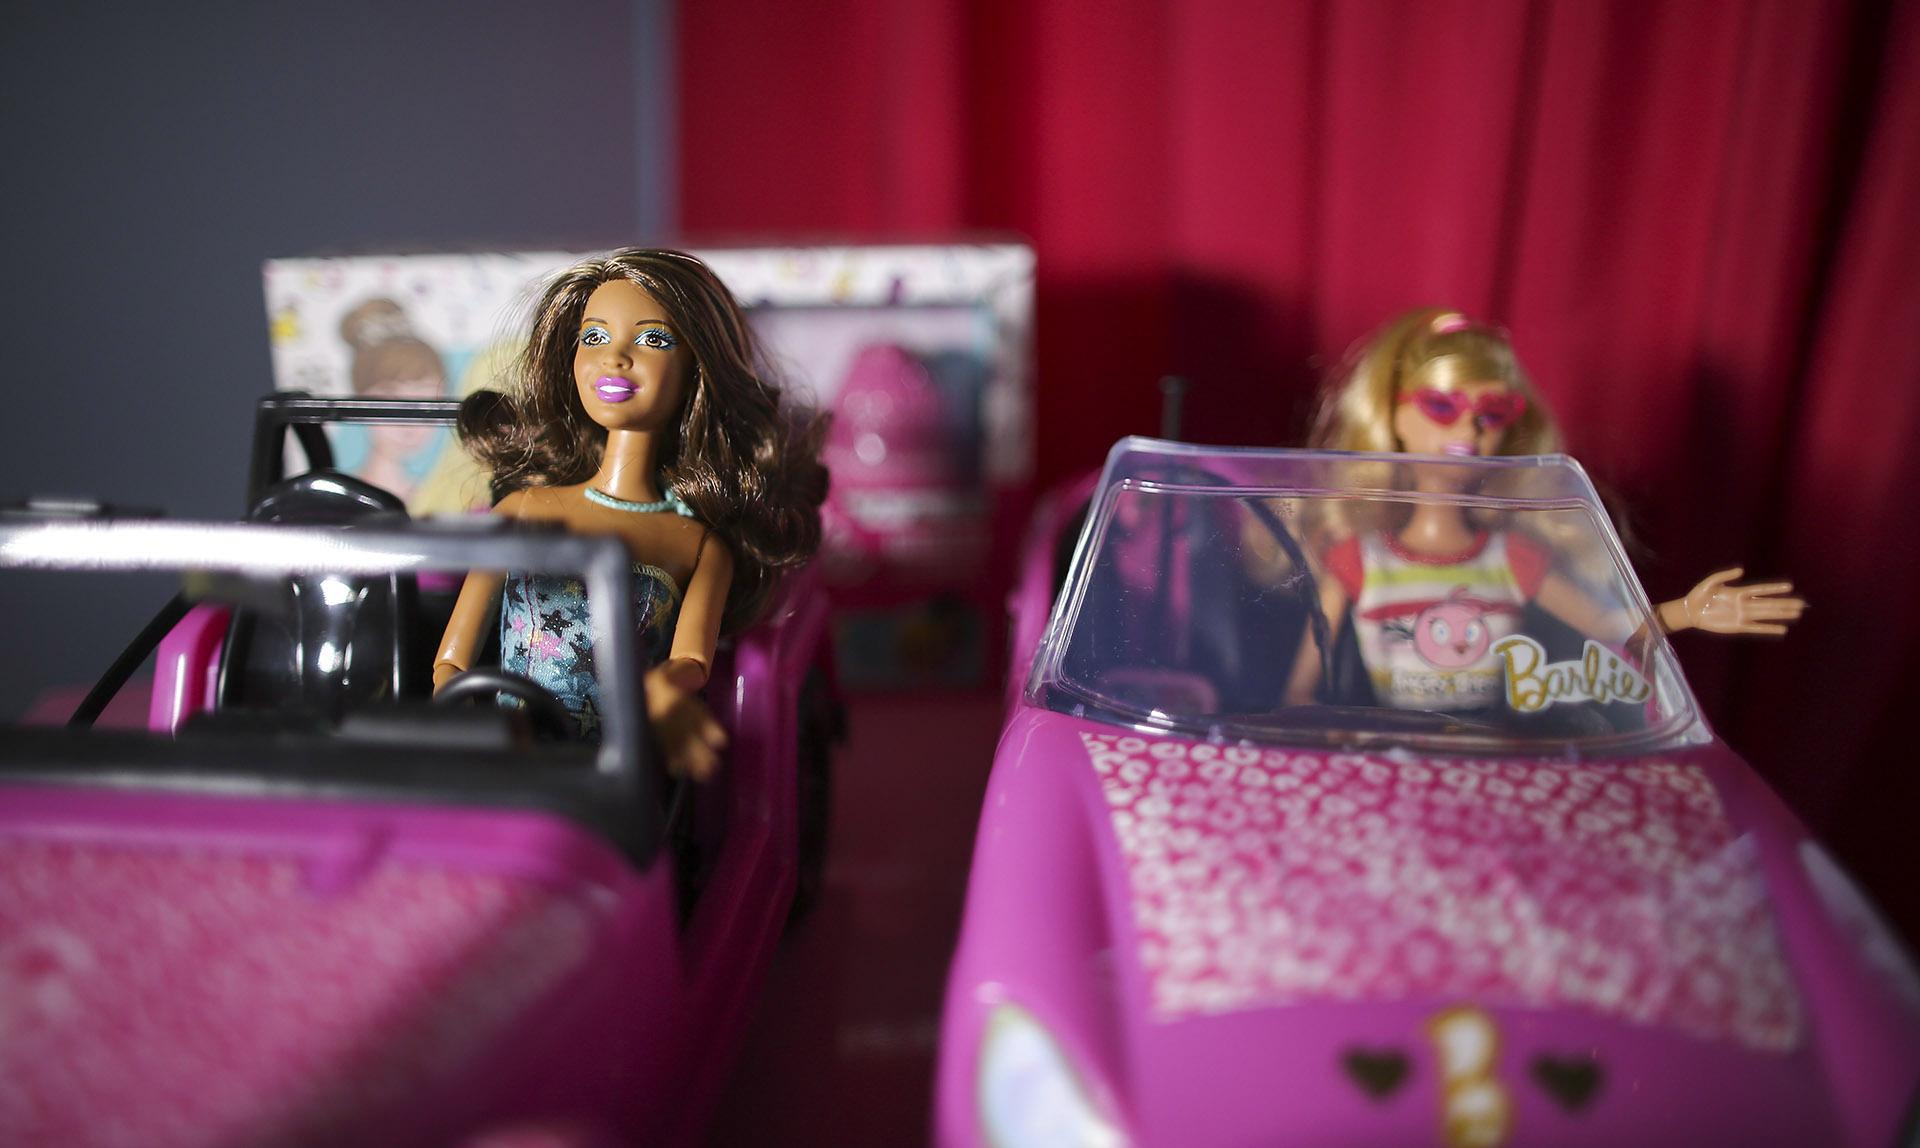 En toda la habitación juegosy películas de Barbie,